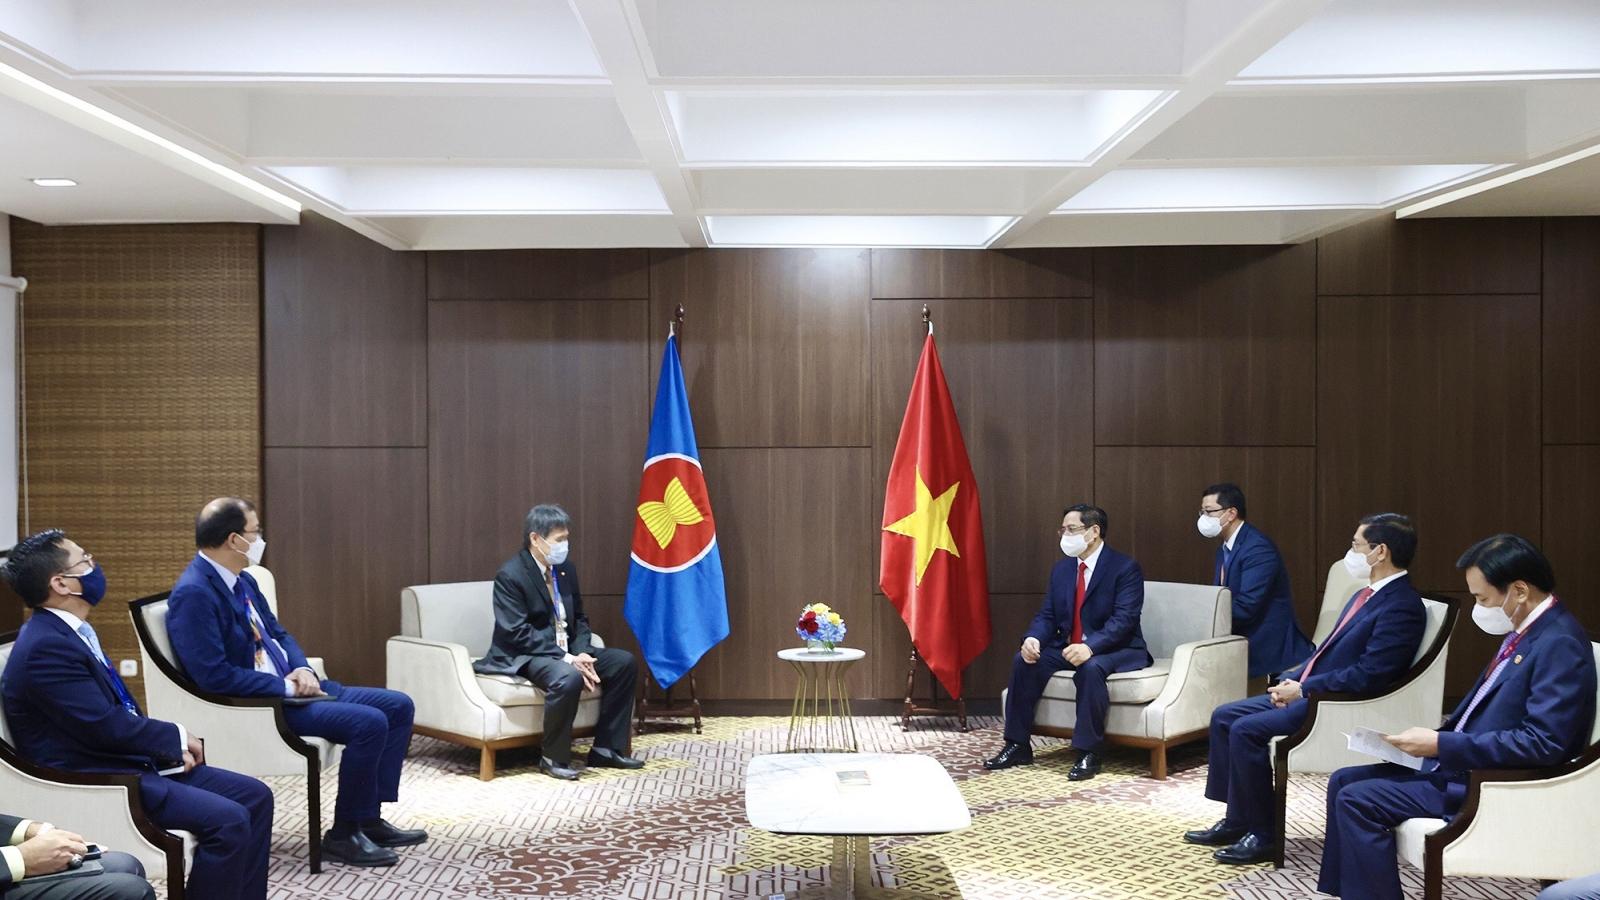 Thủ tướng Phạm Minh Chính tiếp Tổng Thư ký ASEAN Lim Jock Hoi